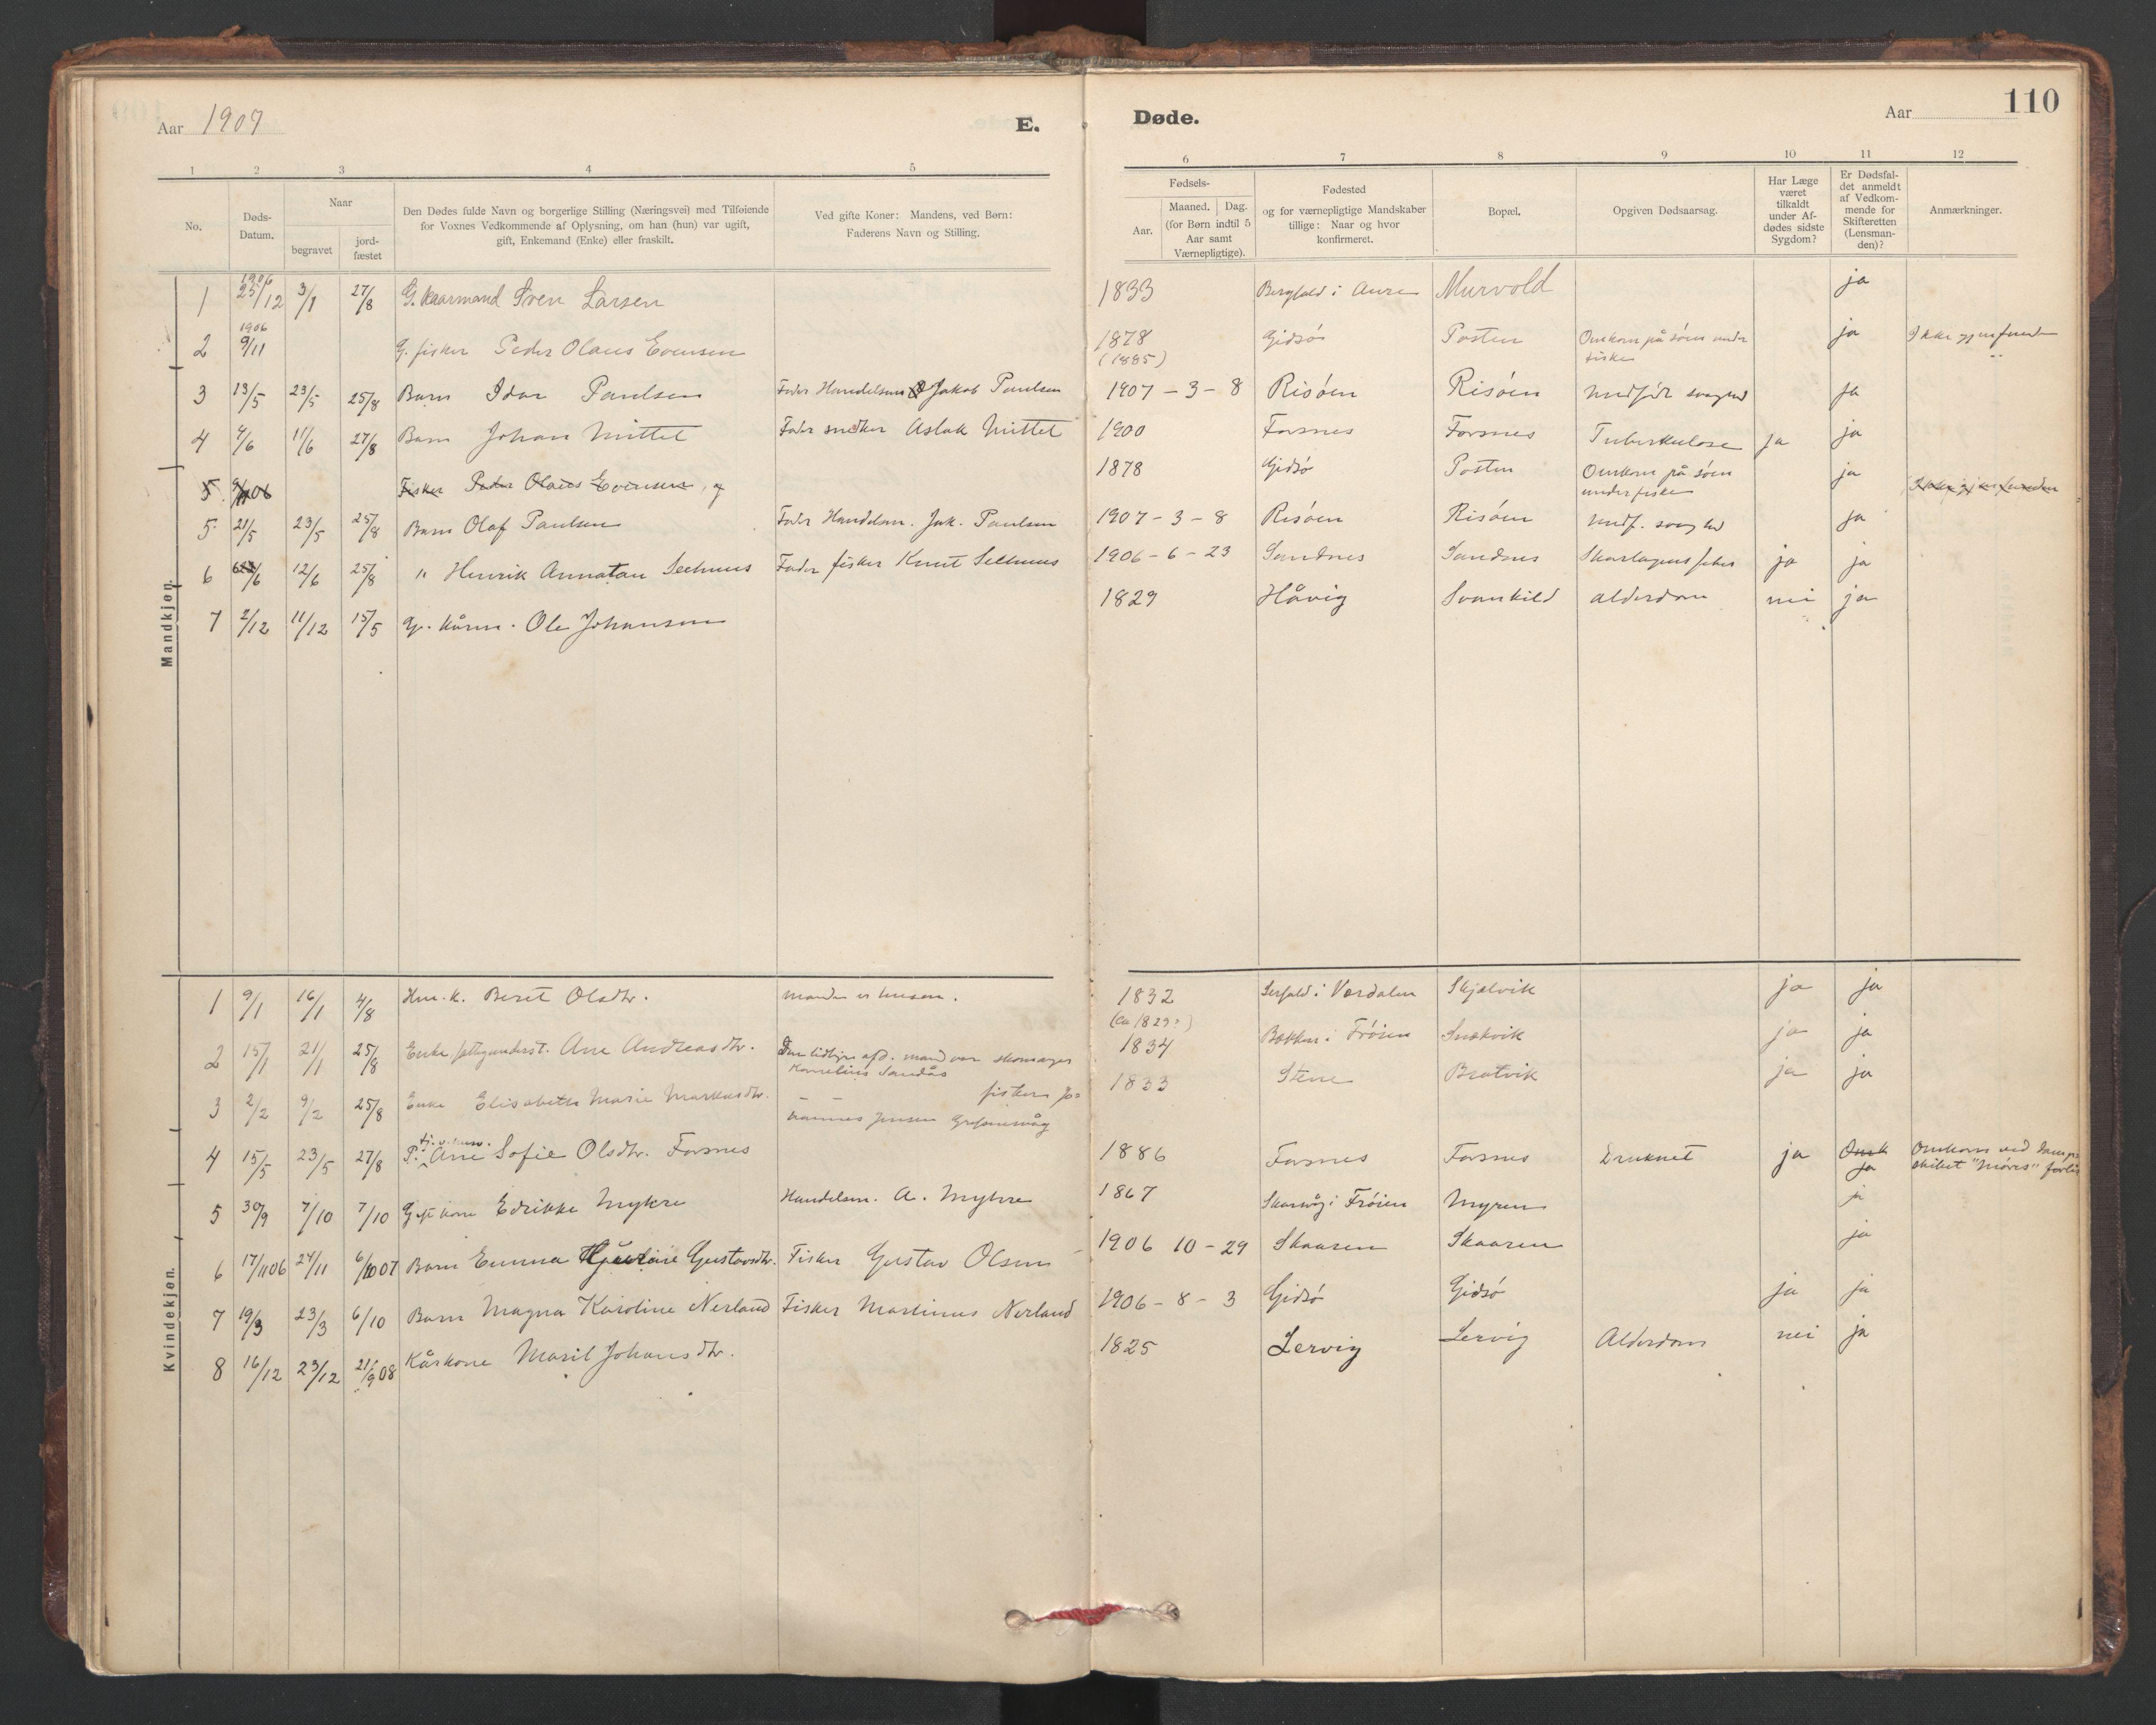 SAT, Ministerialprotokoller, klokkerbøker og fødselsregistre - Sør-Trøndelag, 635/L0552: Ministerialbok nr. 635A02, 1899-1919, s. 110